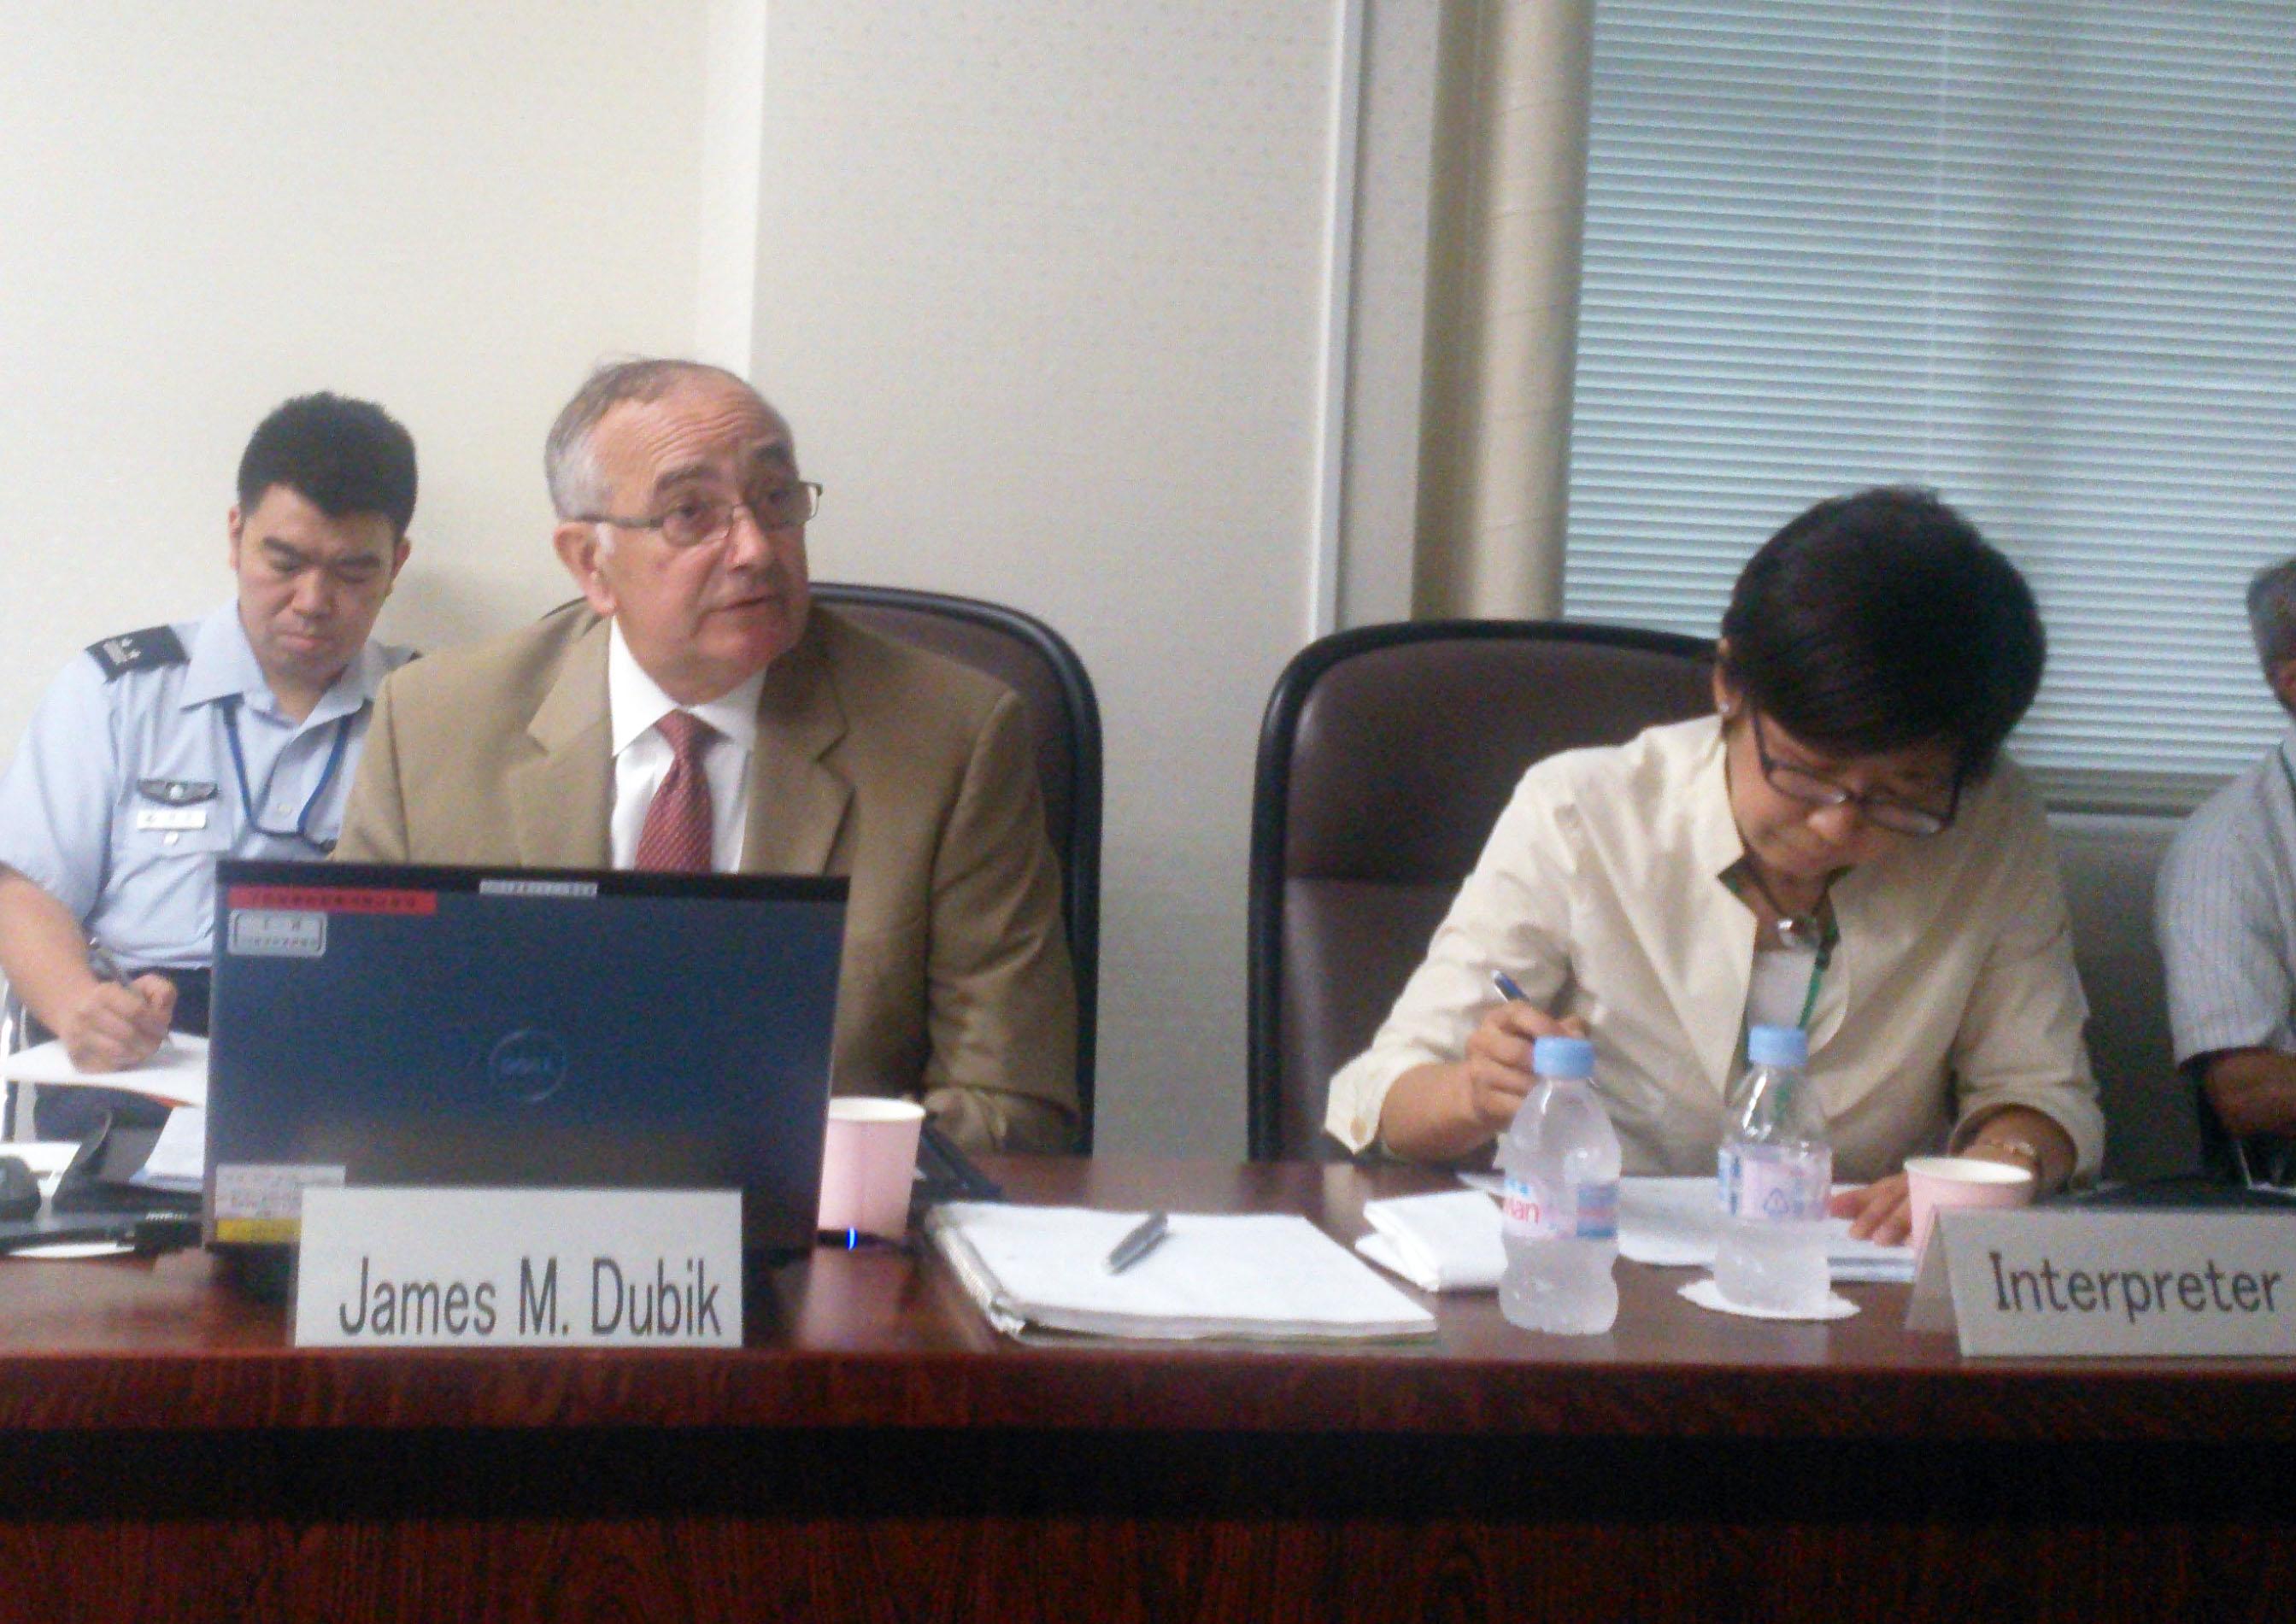 General Dubik Presenting